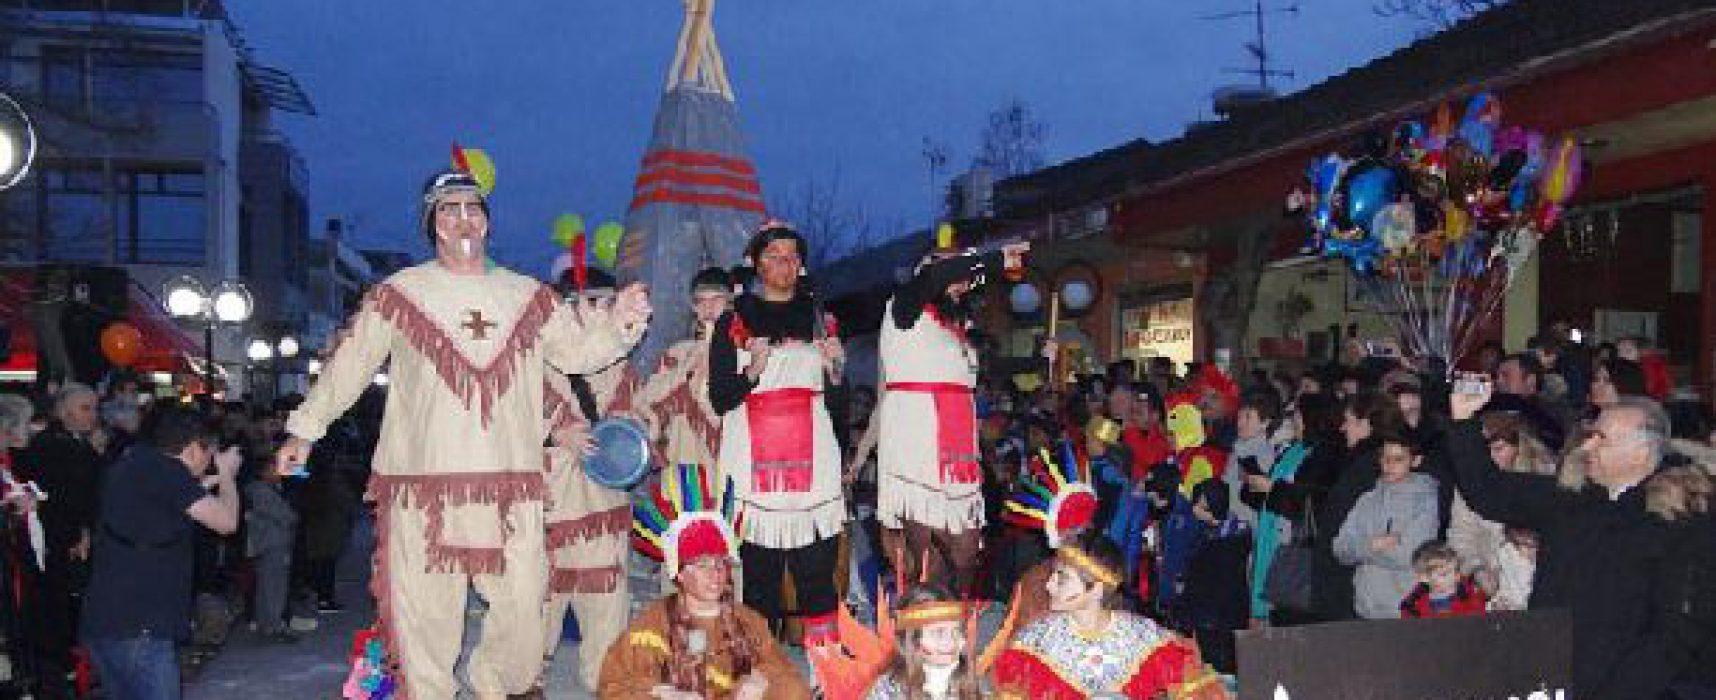 Στην τελική ευθεία οι προετοιμασίες για το Καρναβάλι Σοφάδων